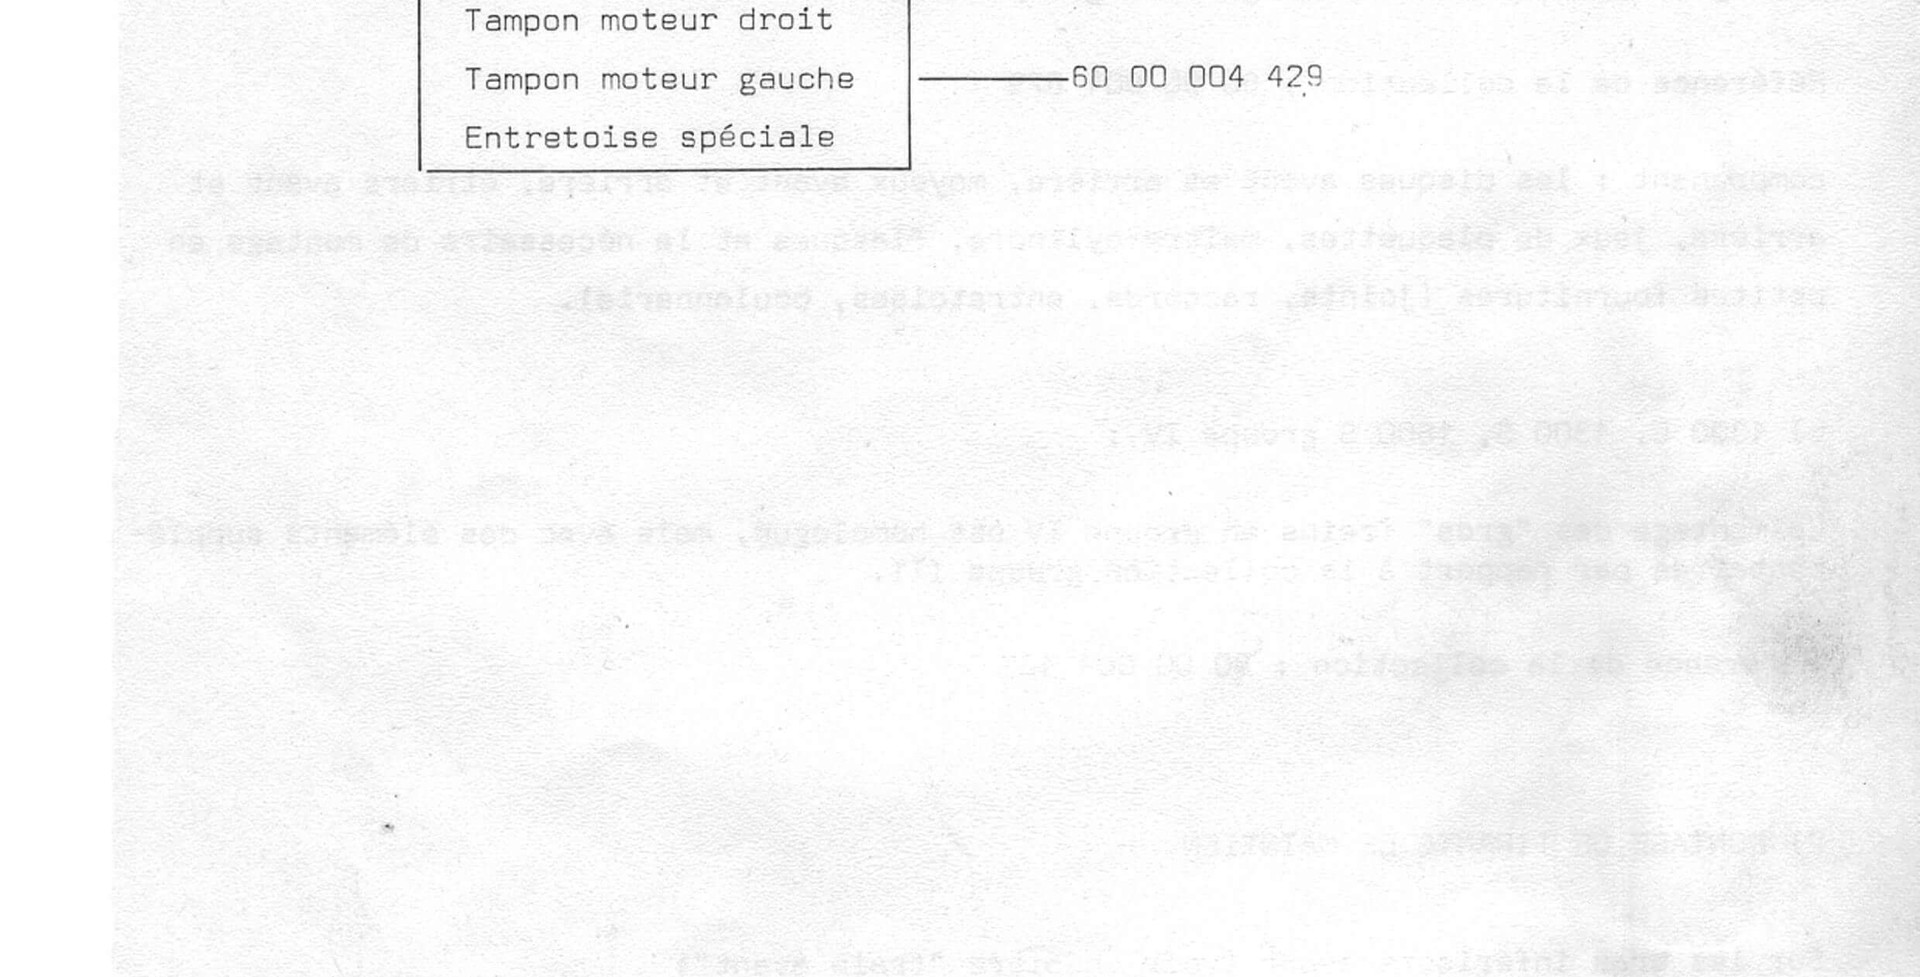 Accessoires compet.28.jpg